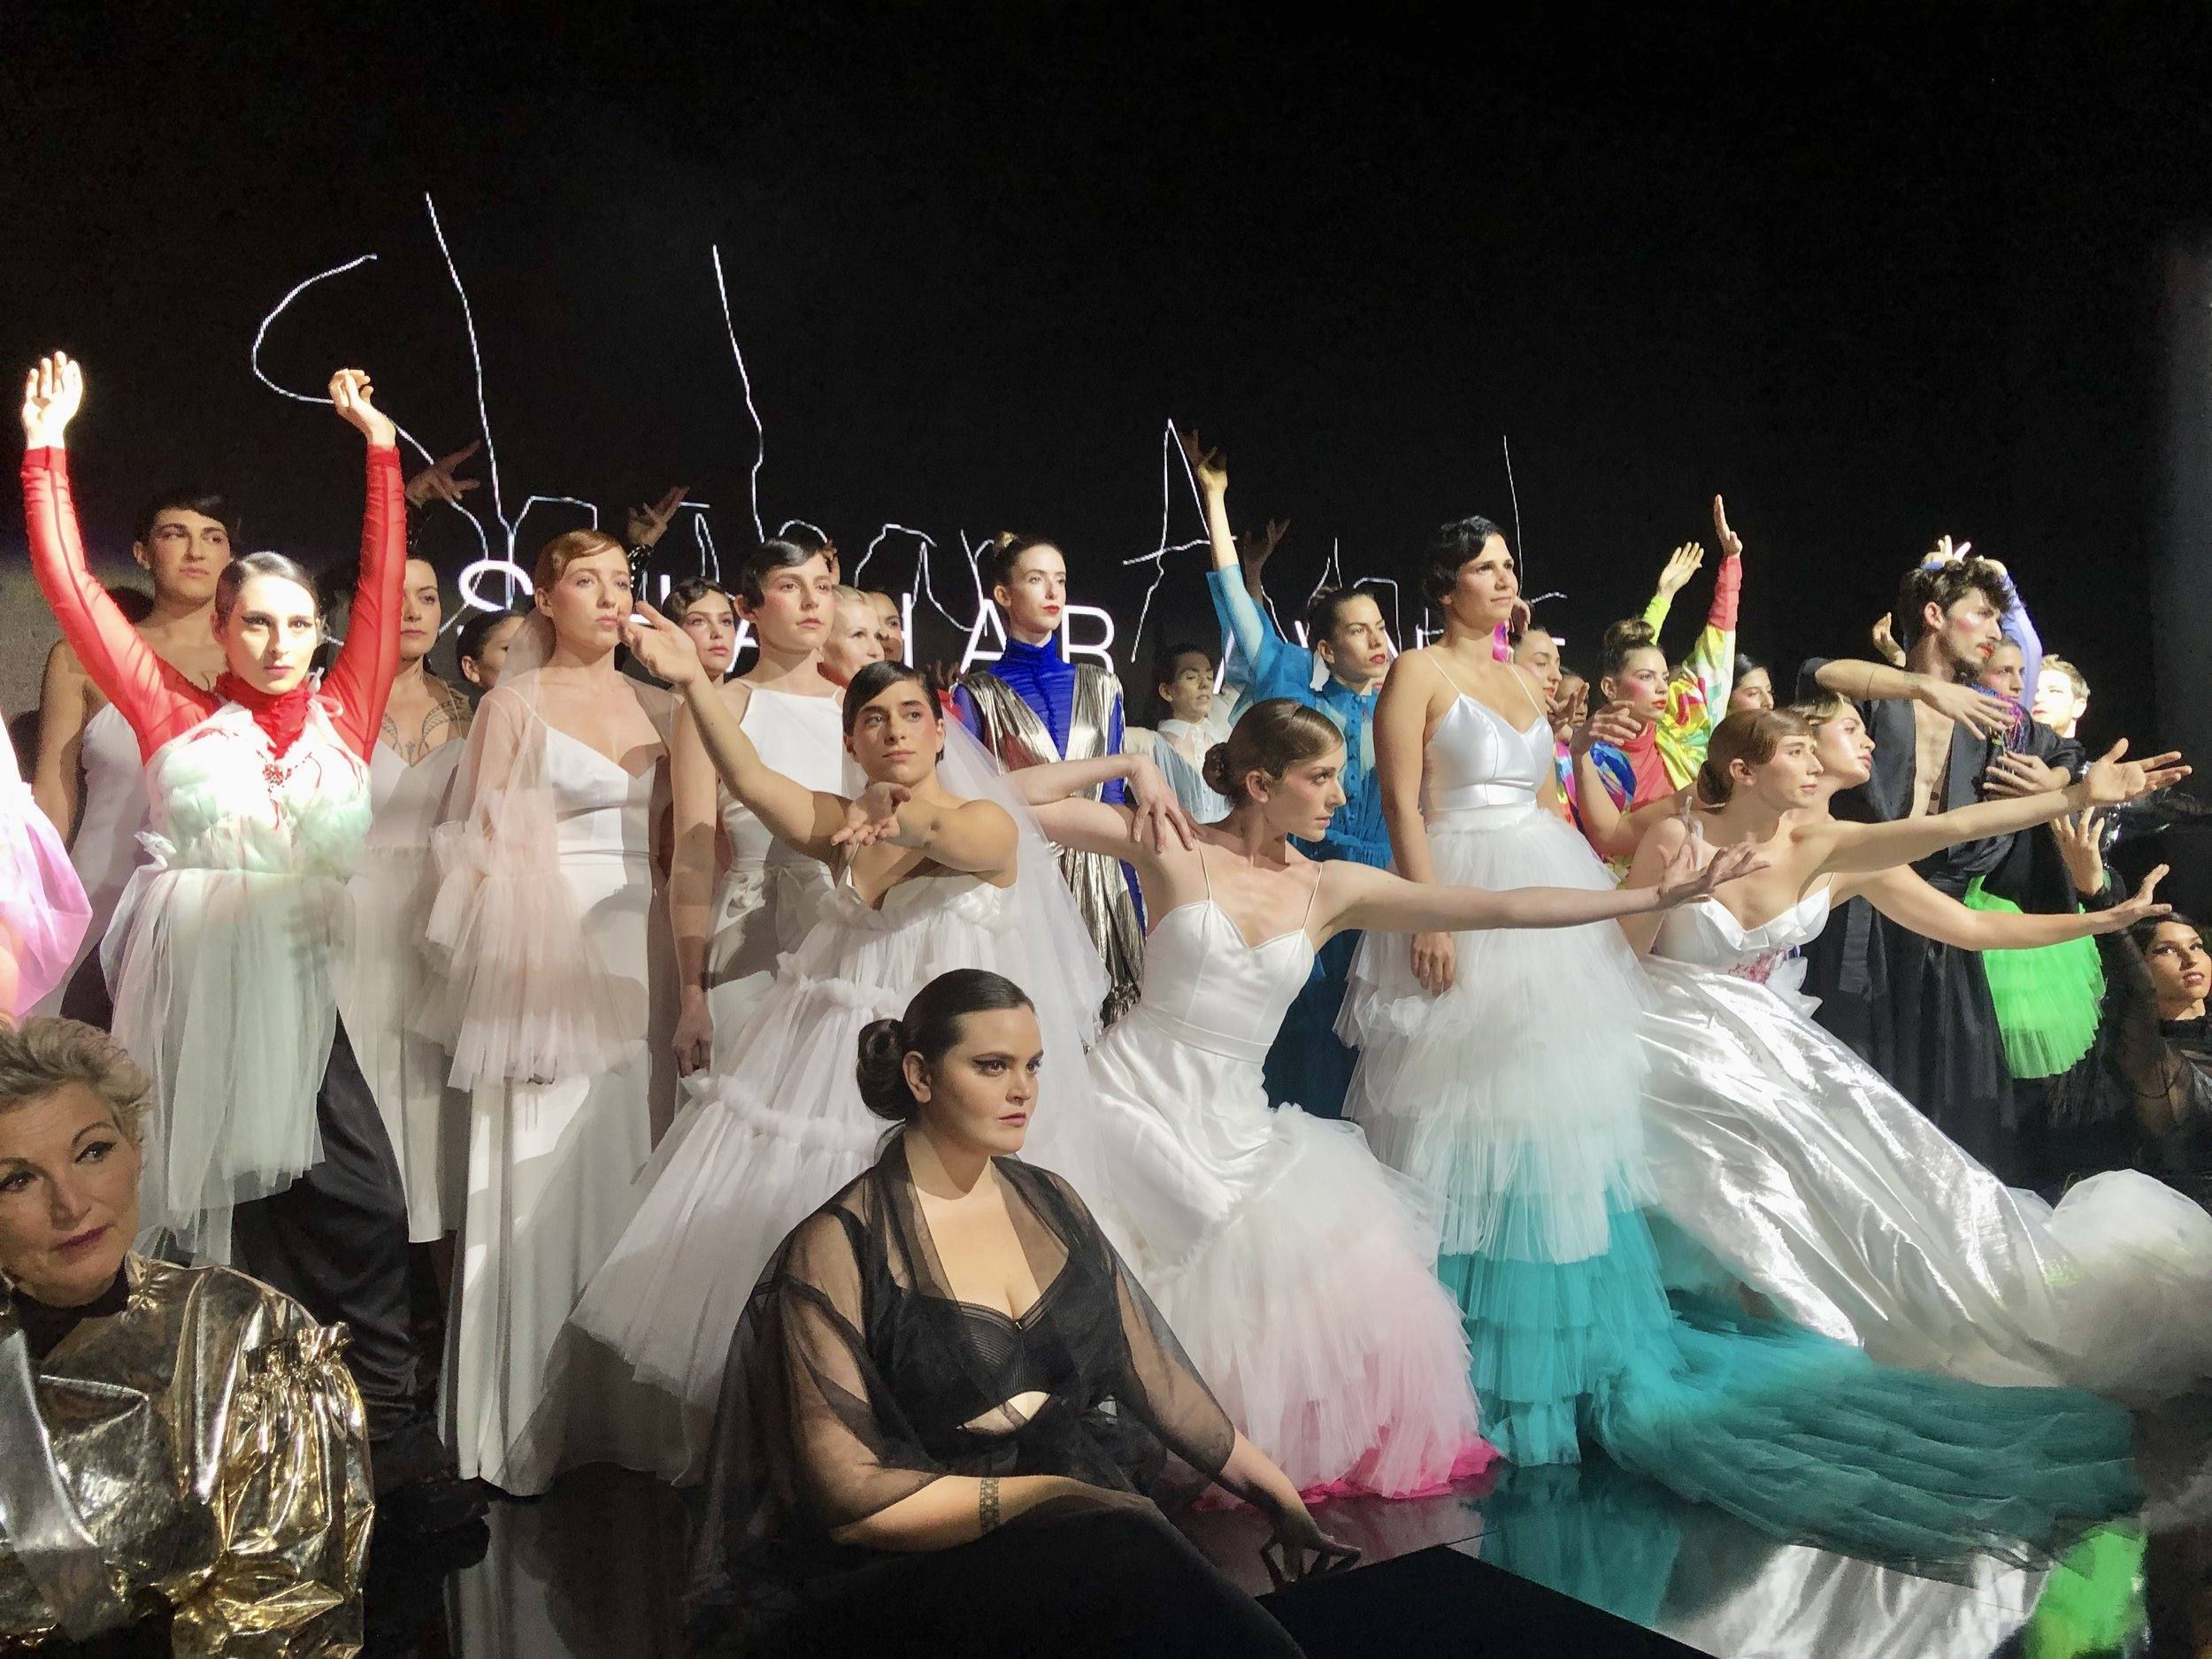 כשתצוגה פוגשת פרזנטציה פוגשת מופע מחול. שחר אבנט, שבוע האופנה תל אביב (צילומים: שירי ויצנר)